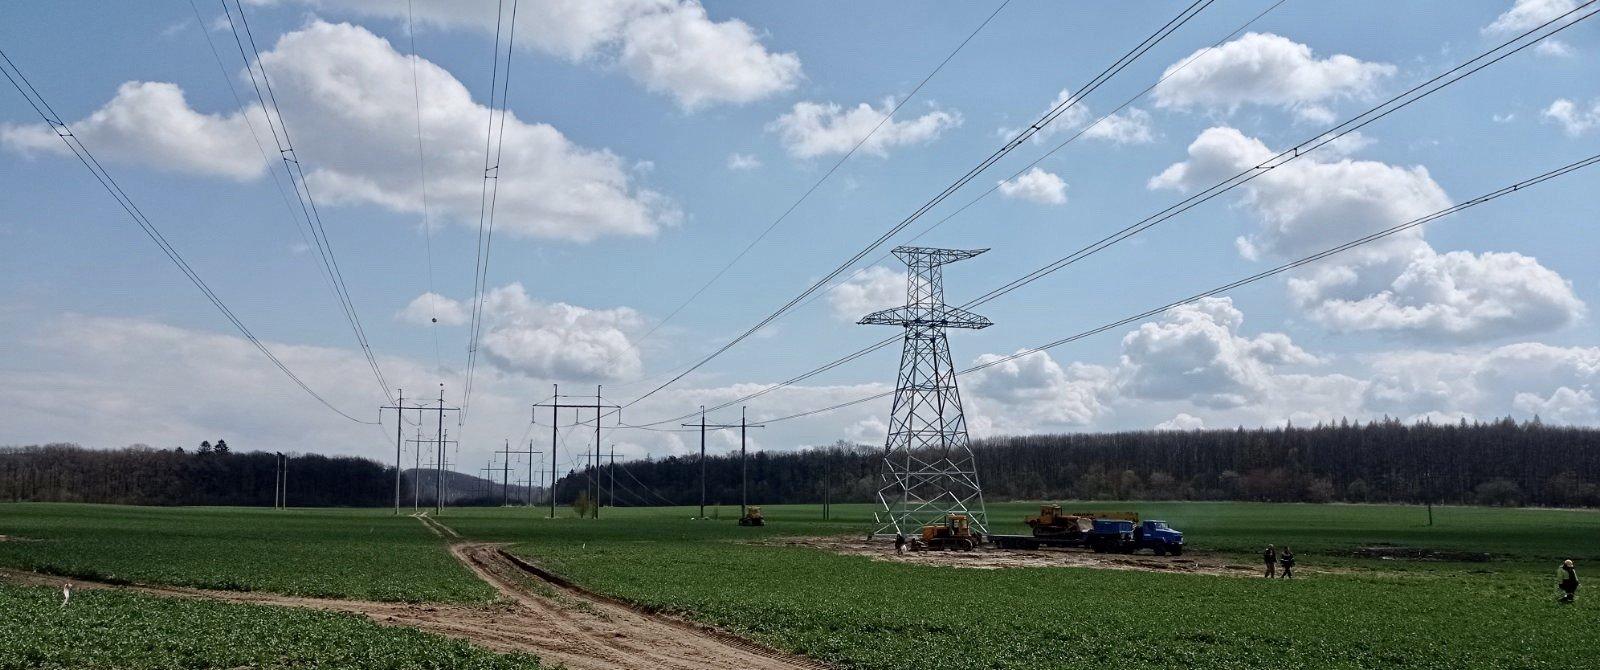 В рамках виконання робіт з будівництва ПЛ 330 кВ «Західноукраїнська – Богородчани» в стислі терміни були виконані перевлаштування ПЛ, які перетинаються